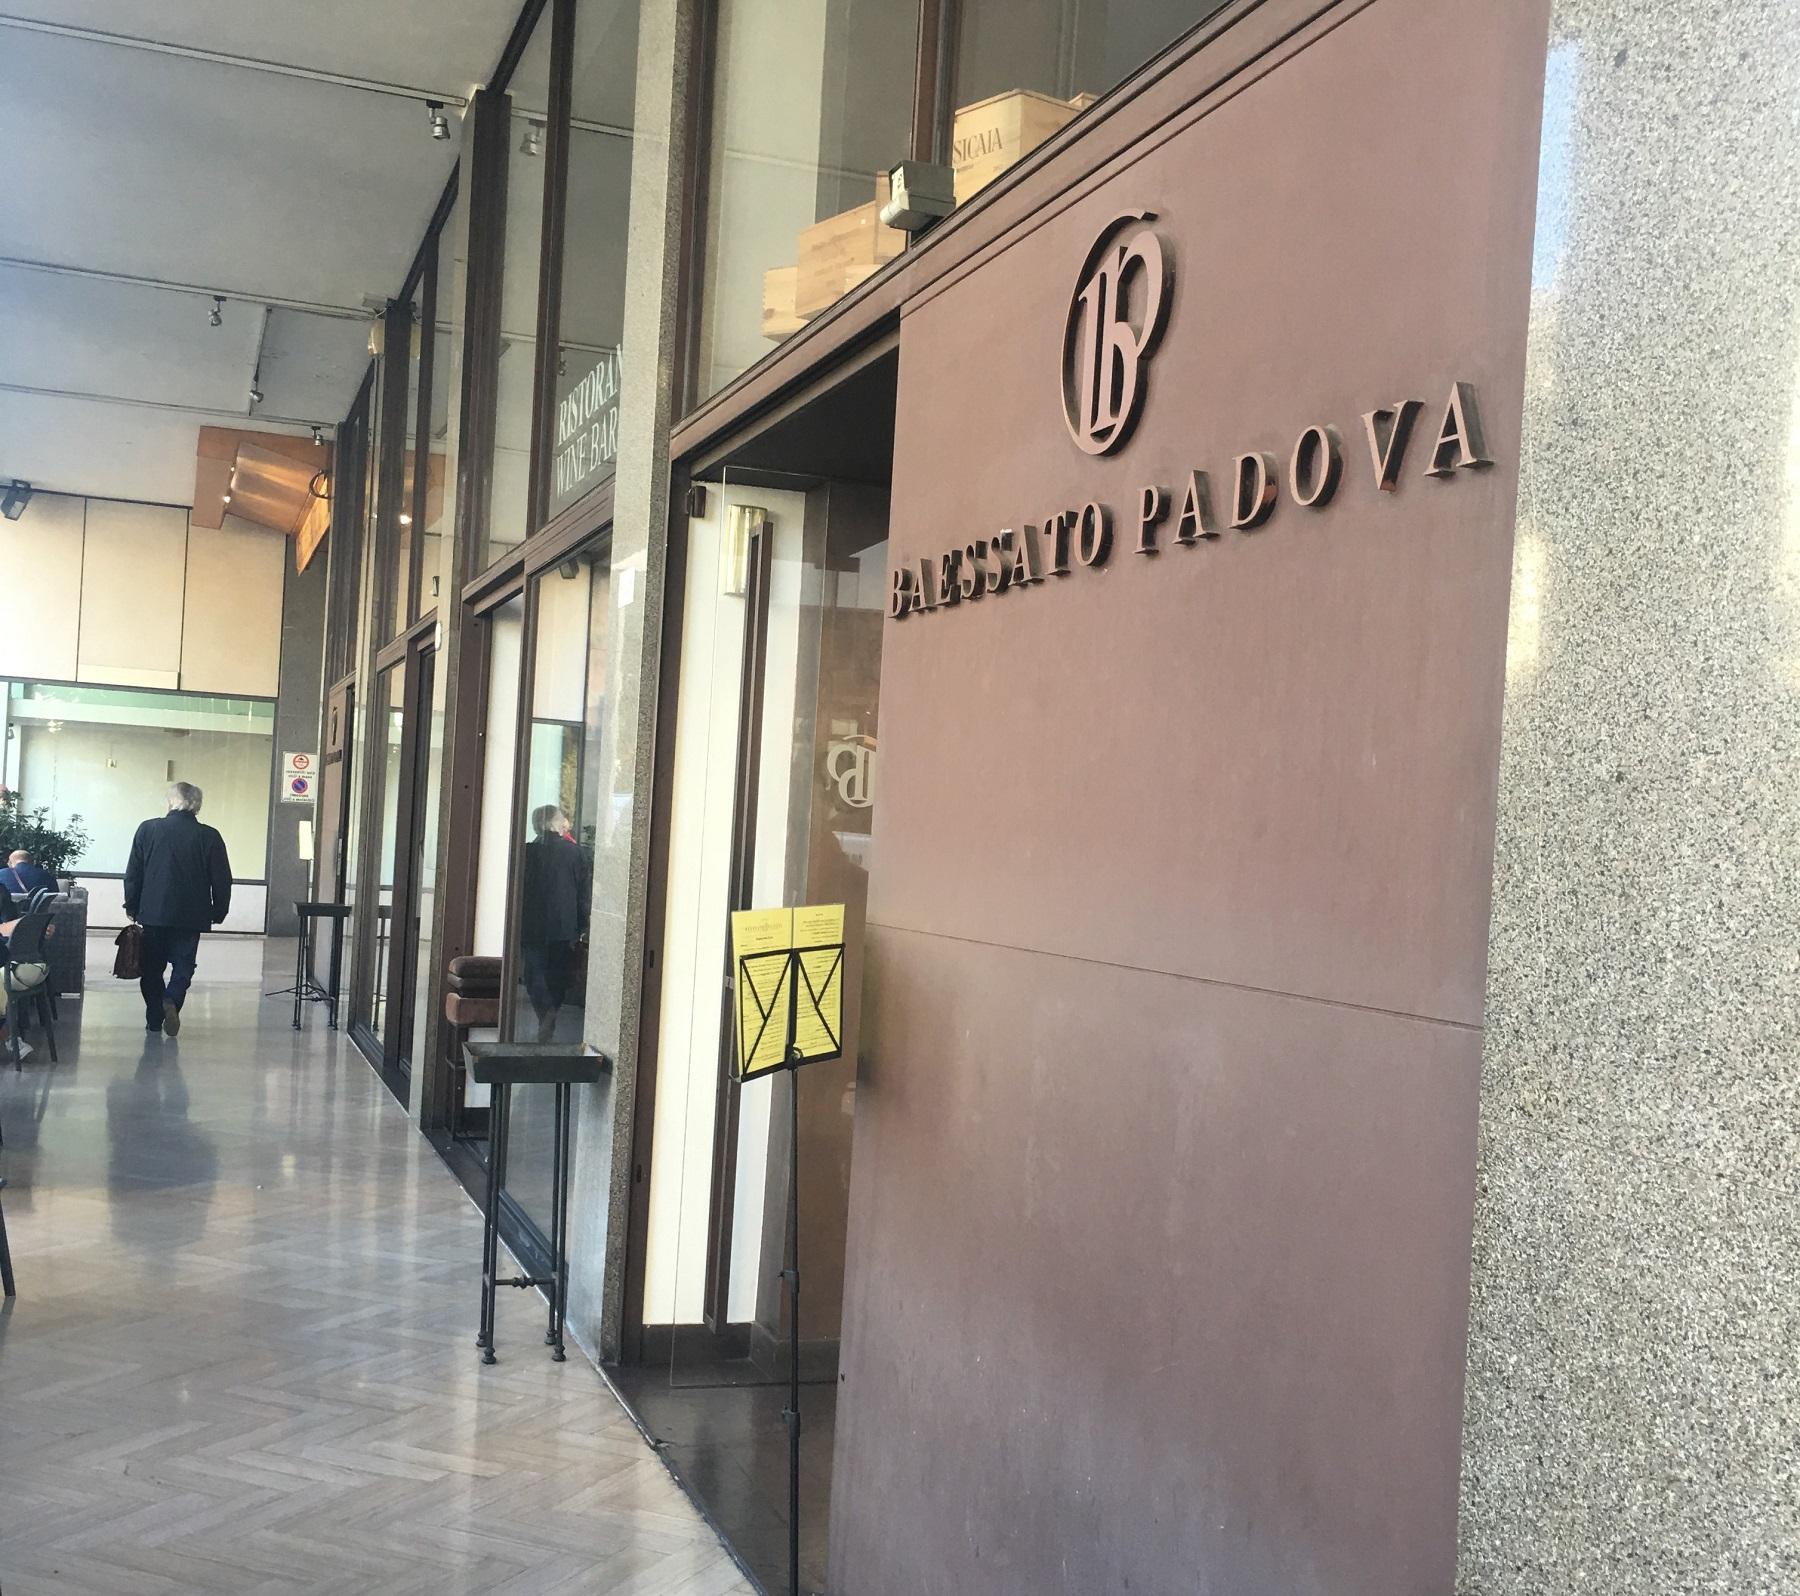 Baessato 3 colazione a Padova